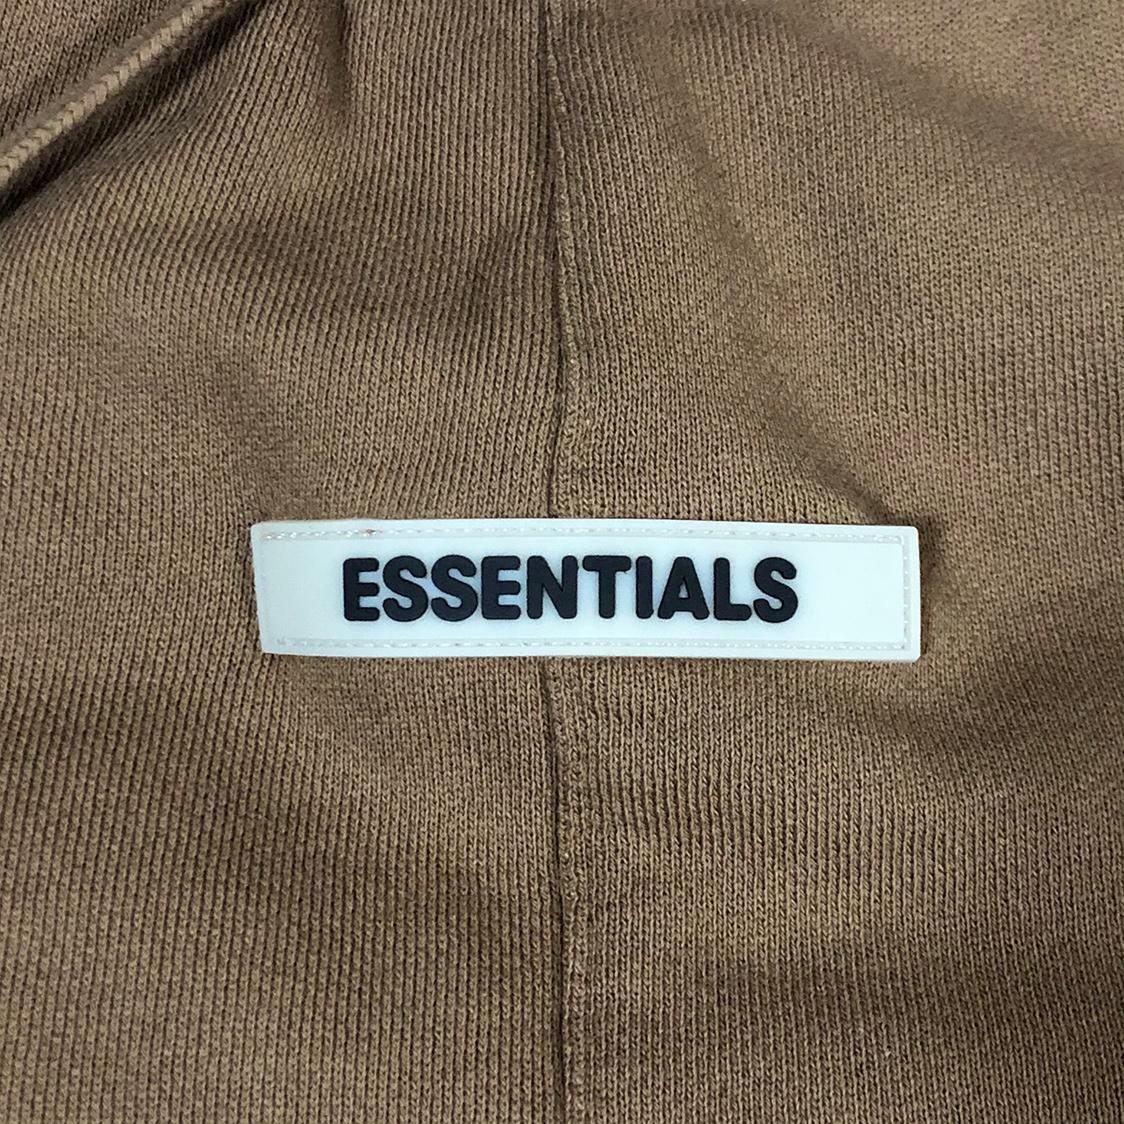 新品 Fear Of God Essentials フェアオブゴッド エッセンシャルズ【XSサイズ】 スウェット ショーツ ハーフパンツ タン FOG